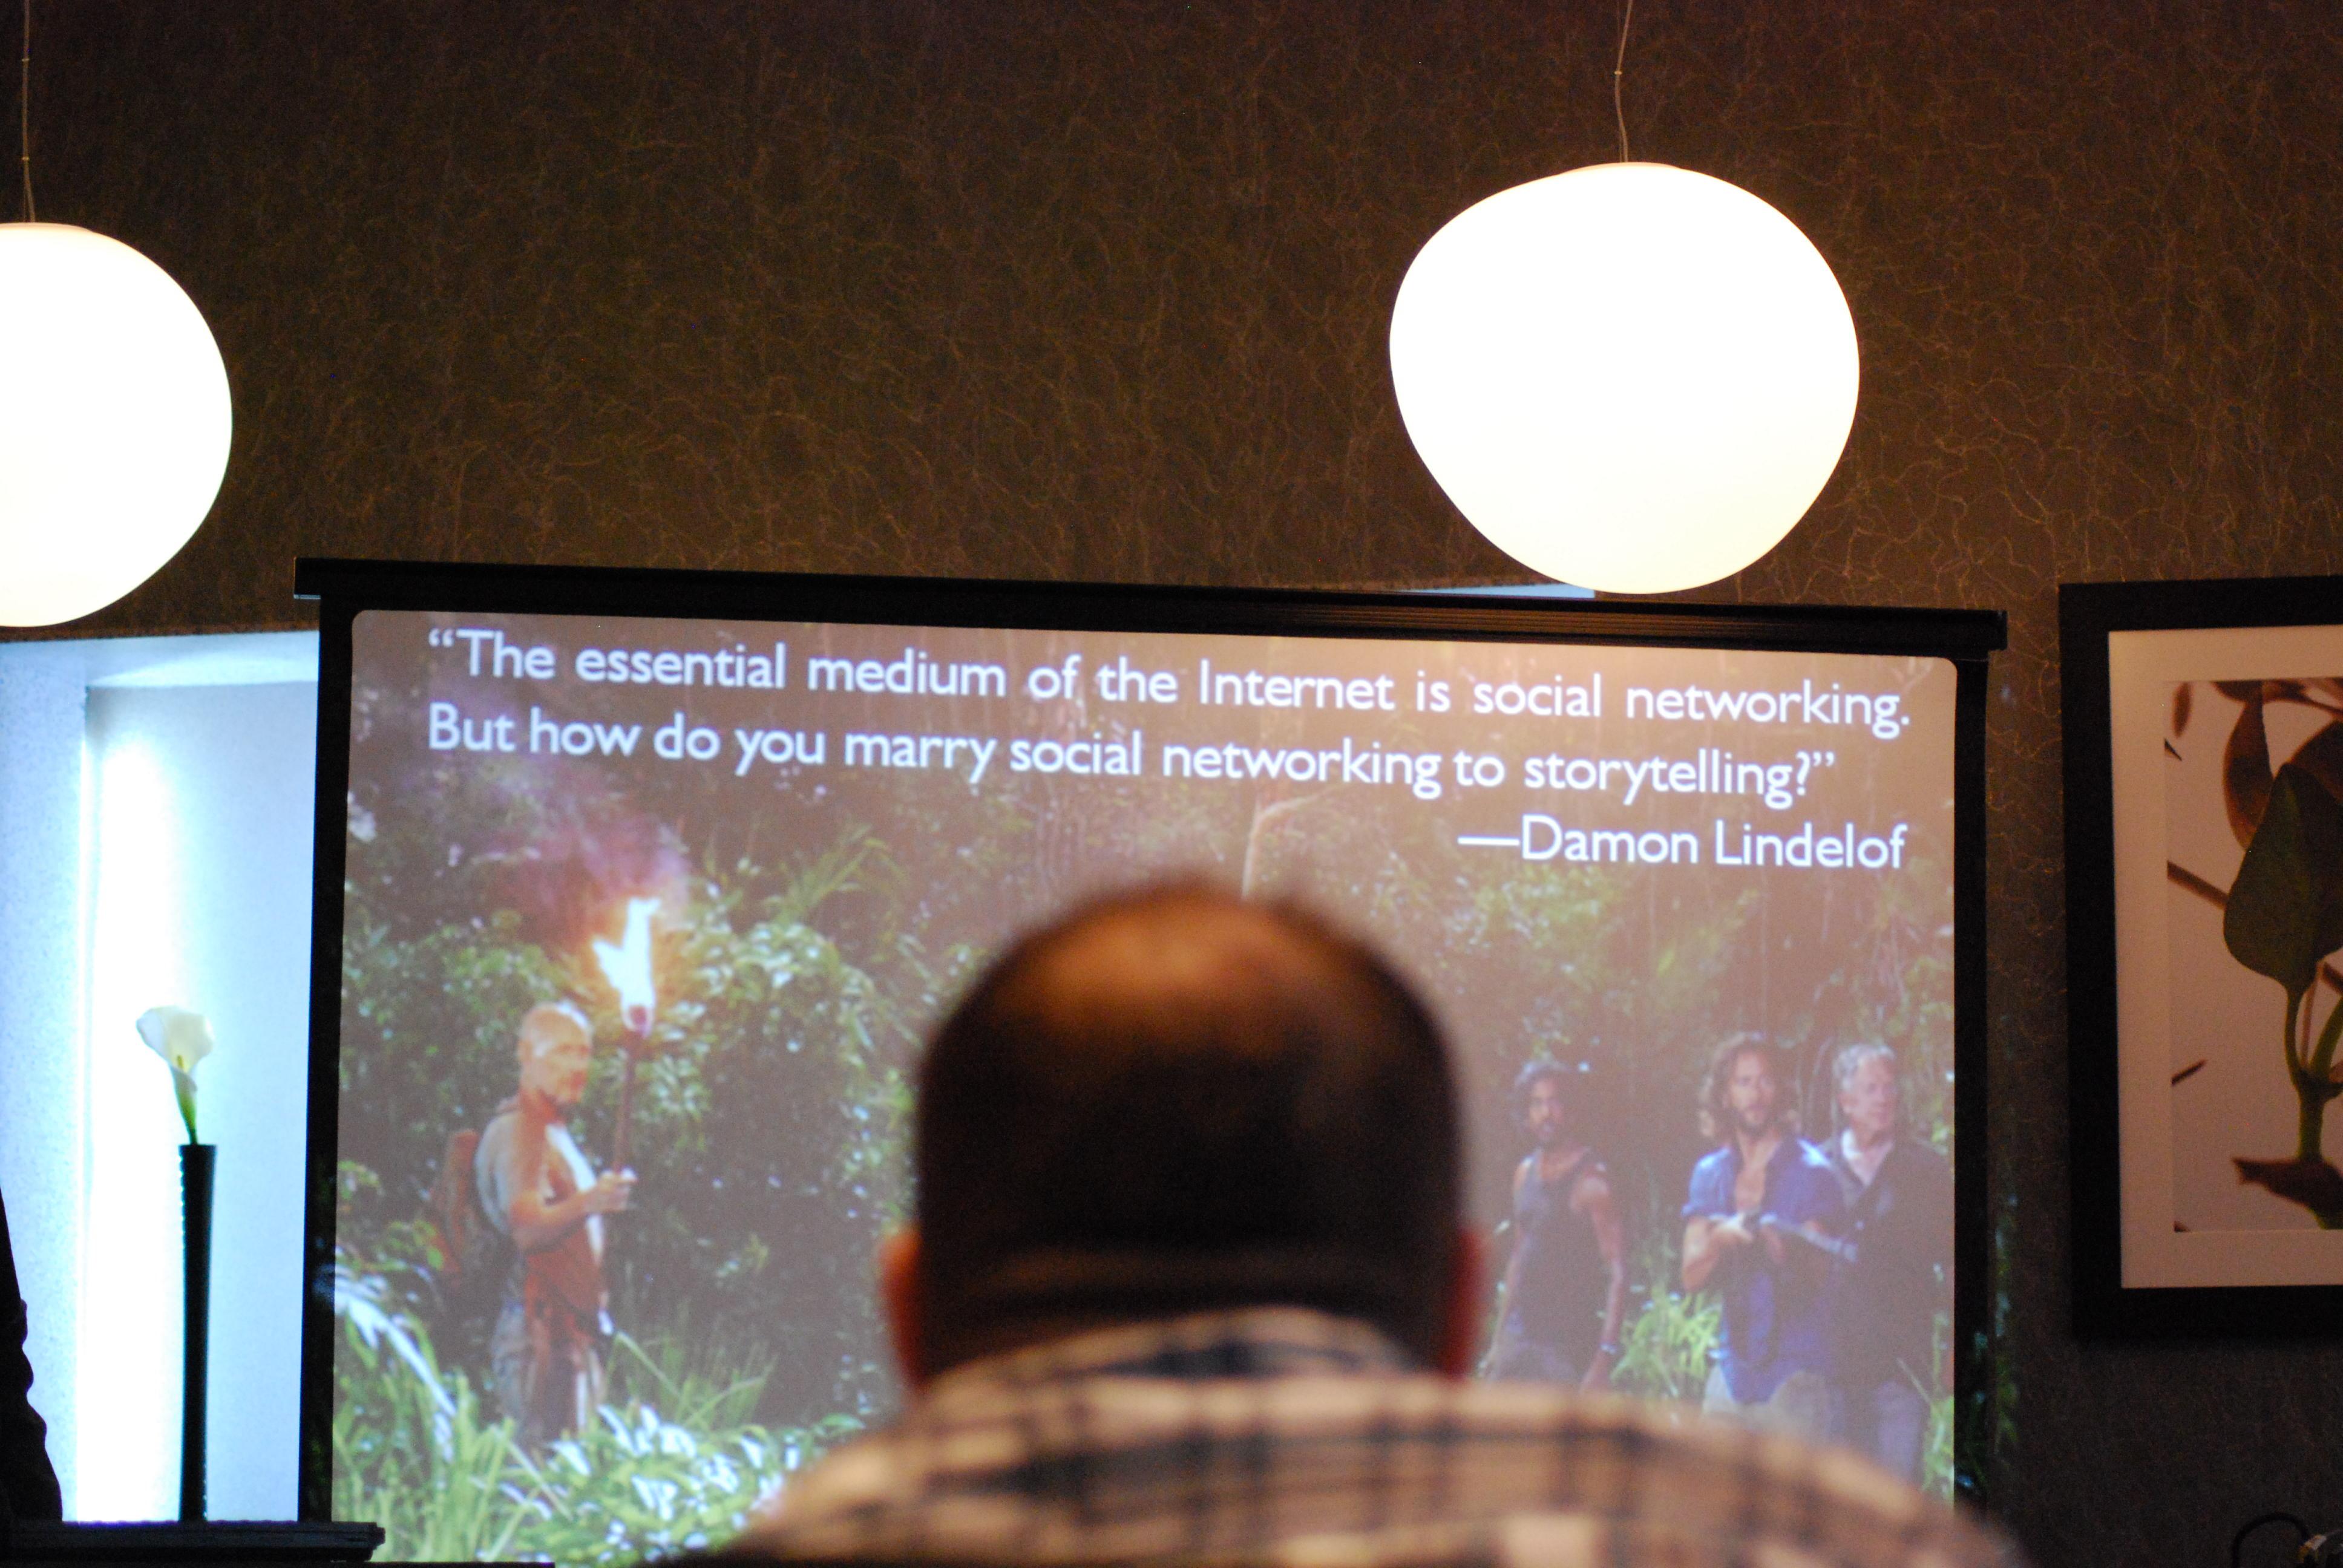 Damon Lindelof's quote #8